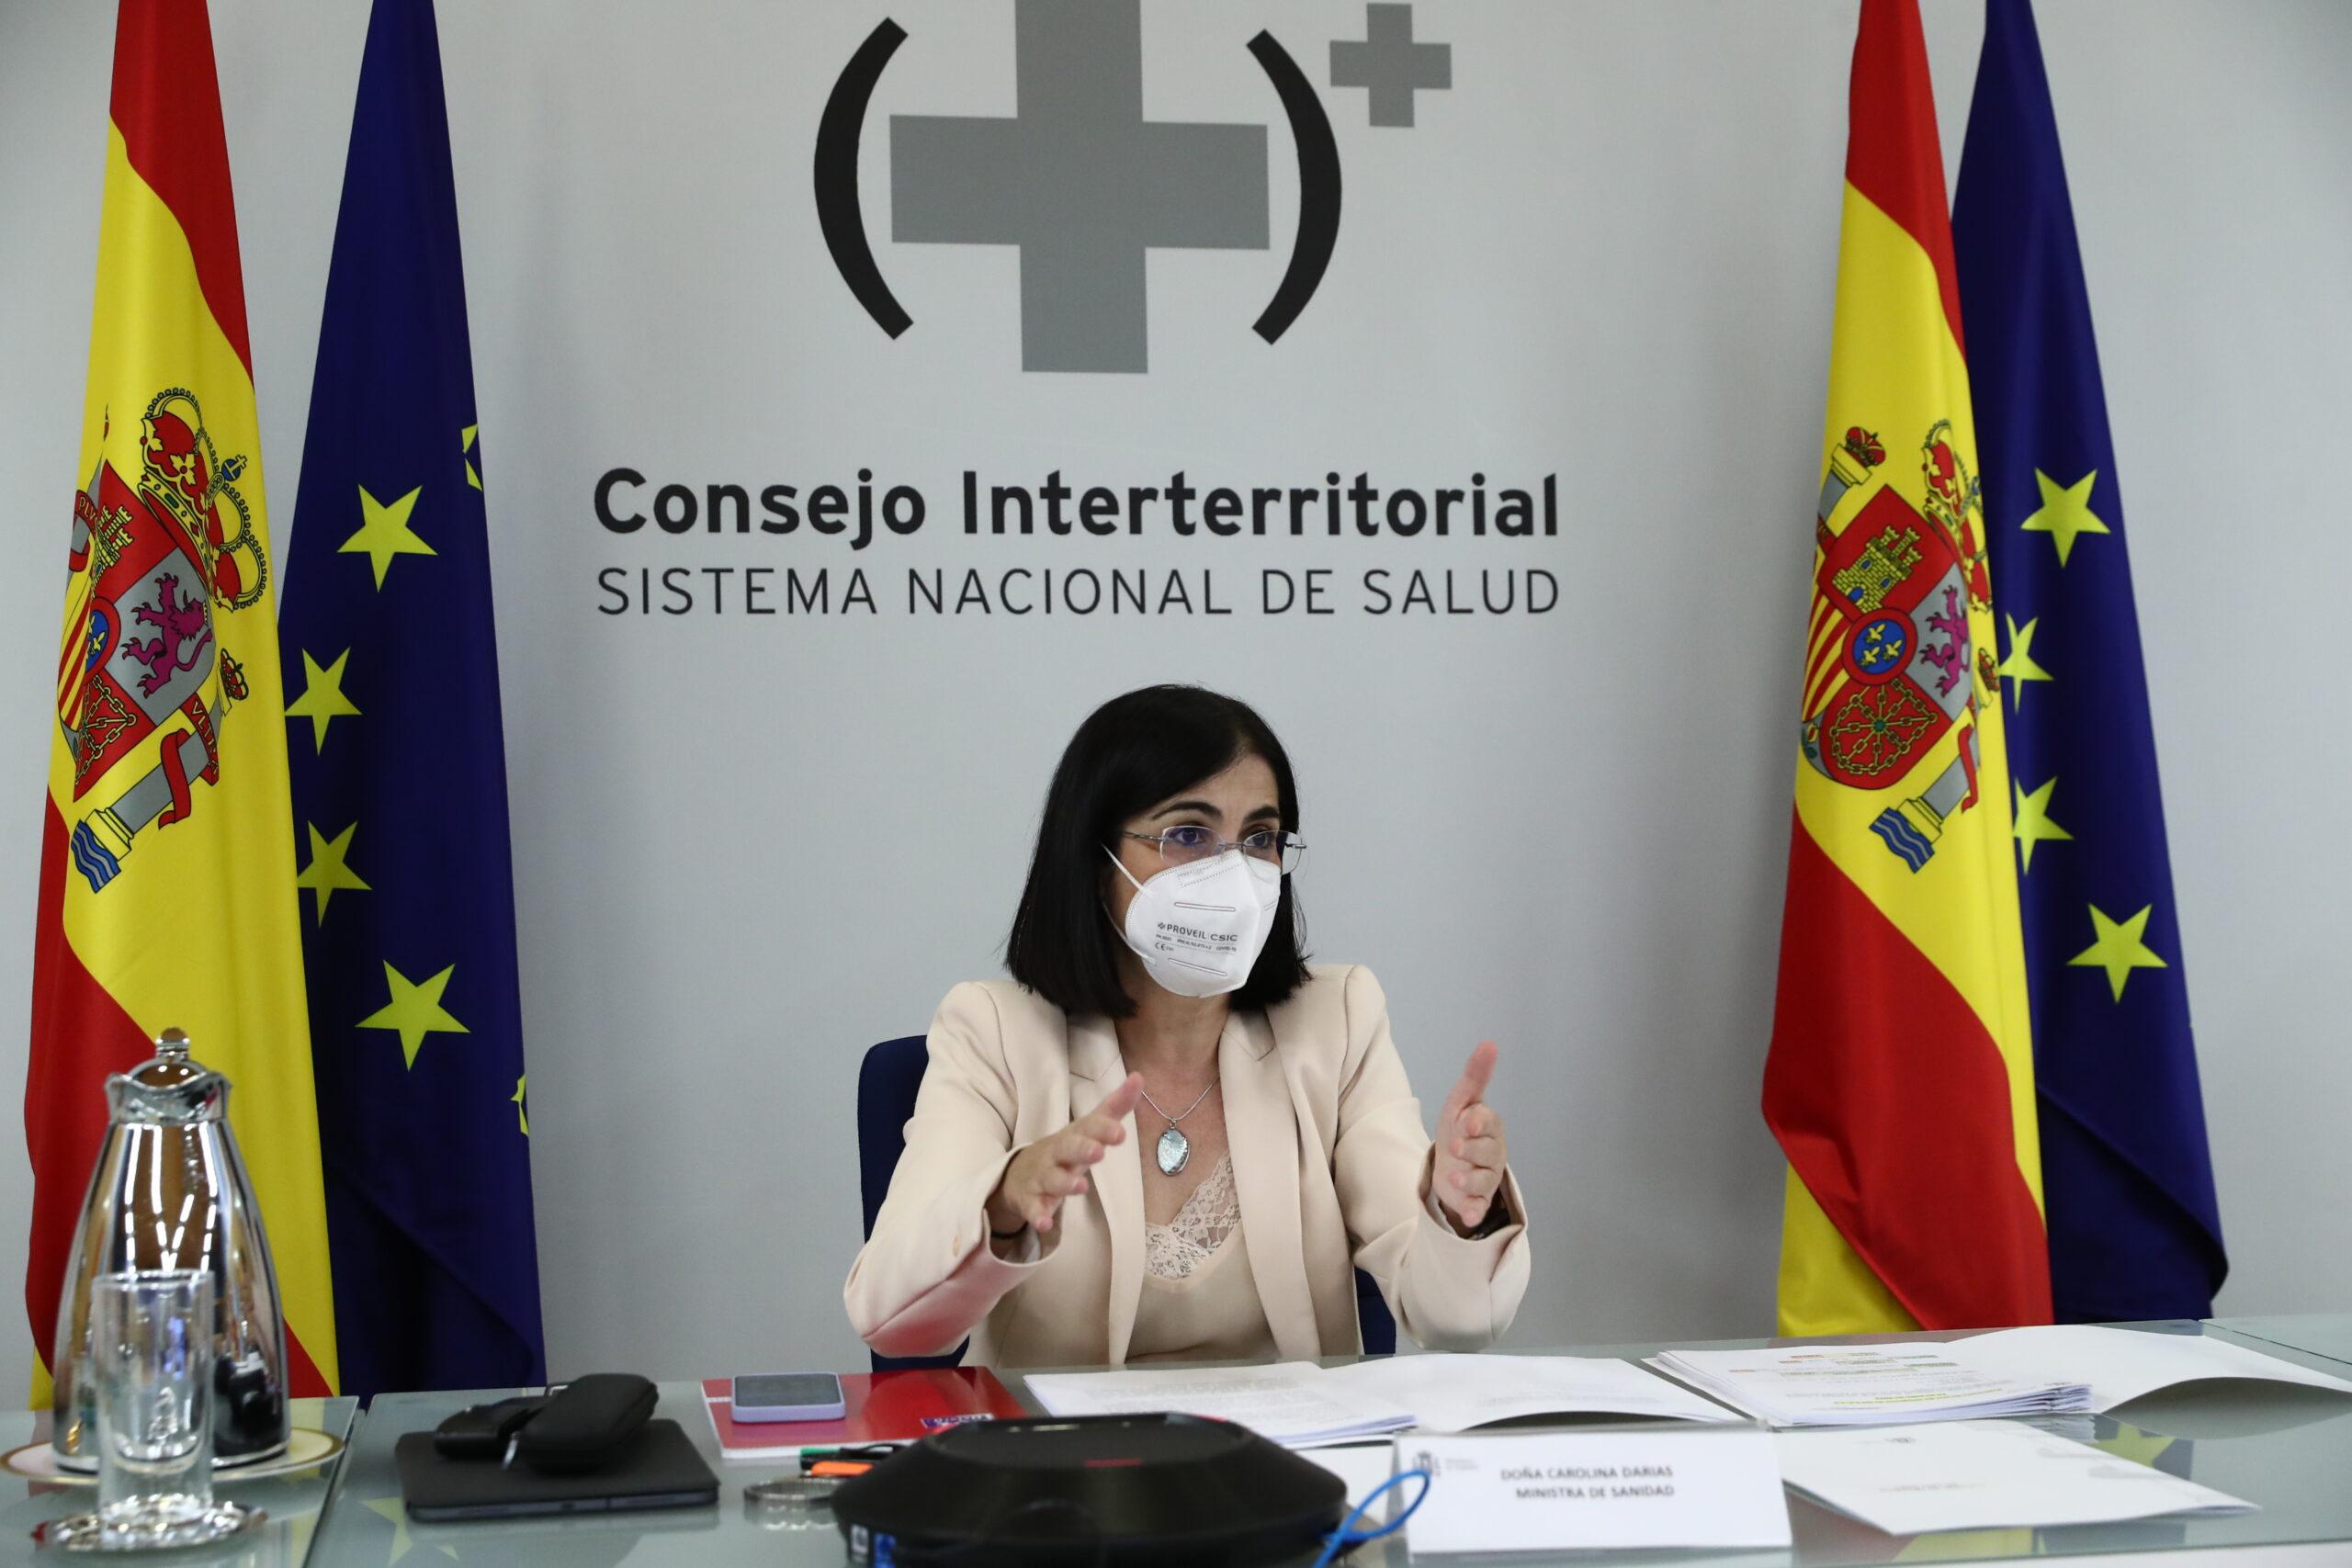 La ministra de Sanitat, Carolina Darias, durant el Consell Interterritorial de Salut celebrat a Madrid / ACN